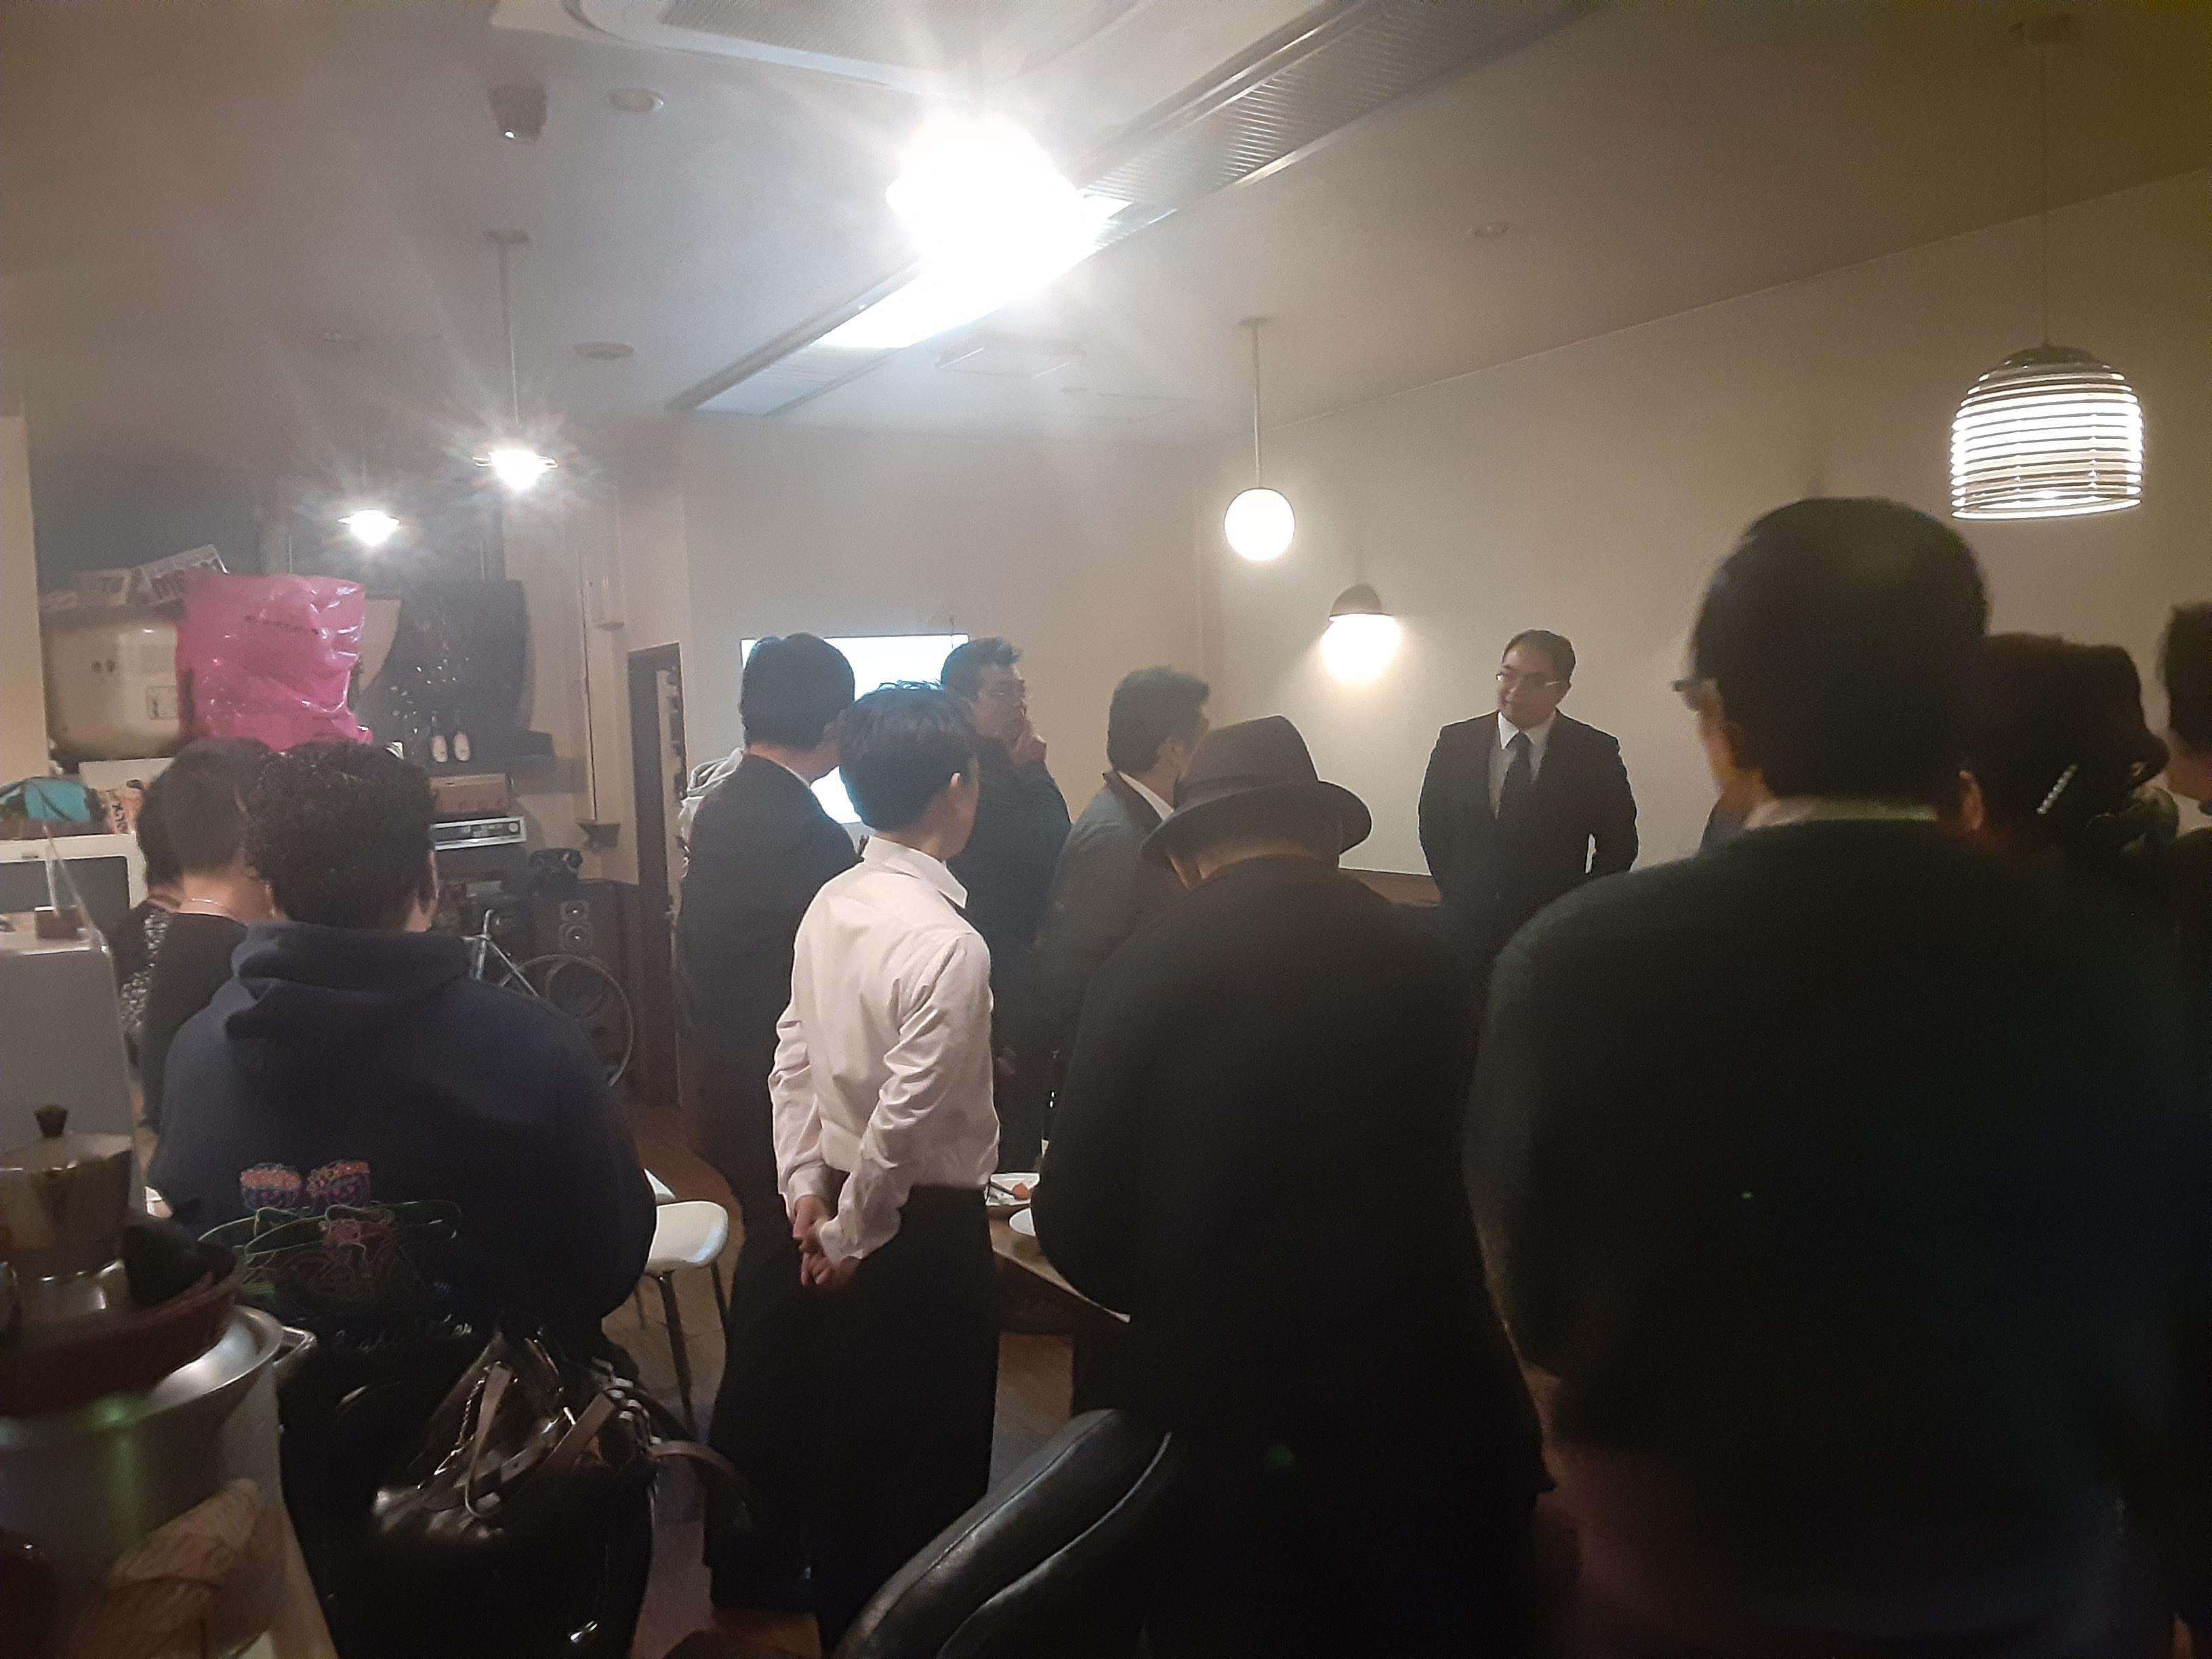 「第24回夢プレゼンパーティー」が長岡京市で開催されました💐